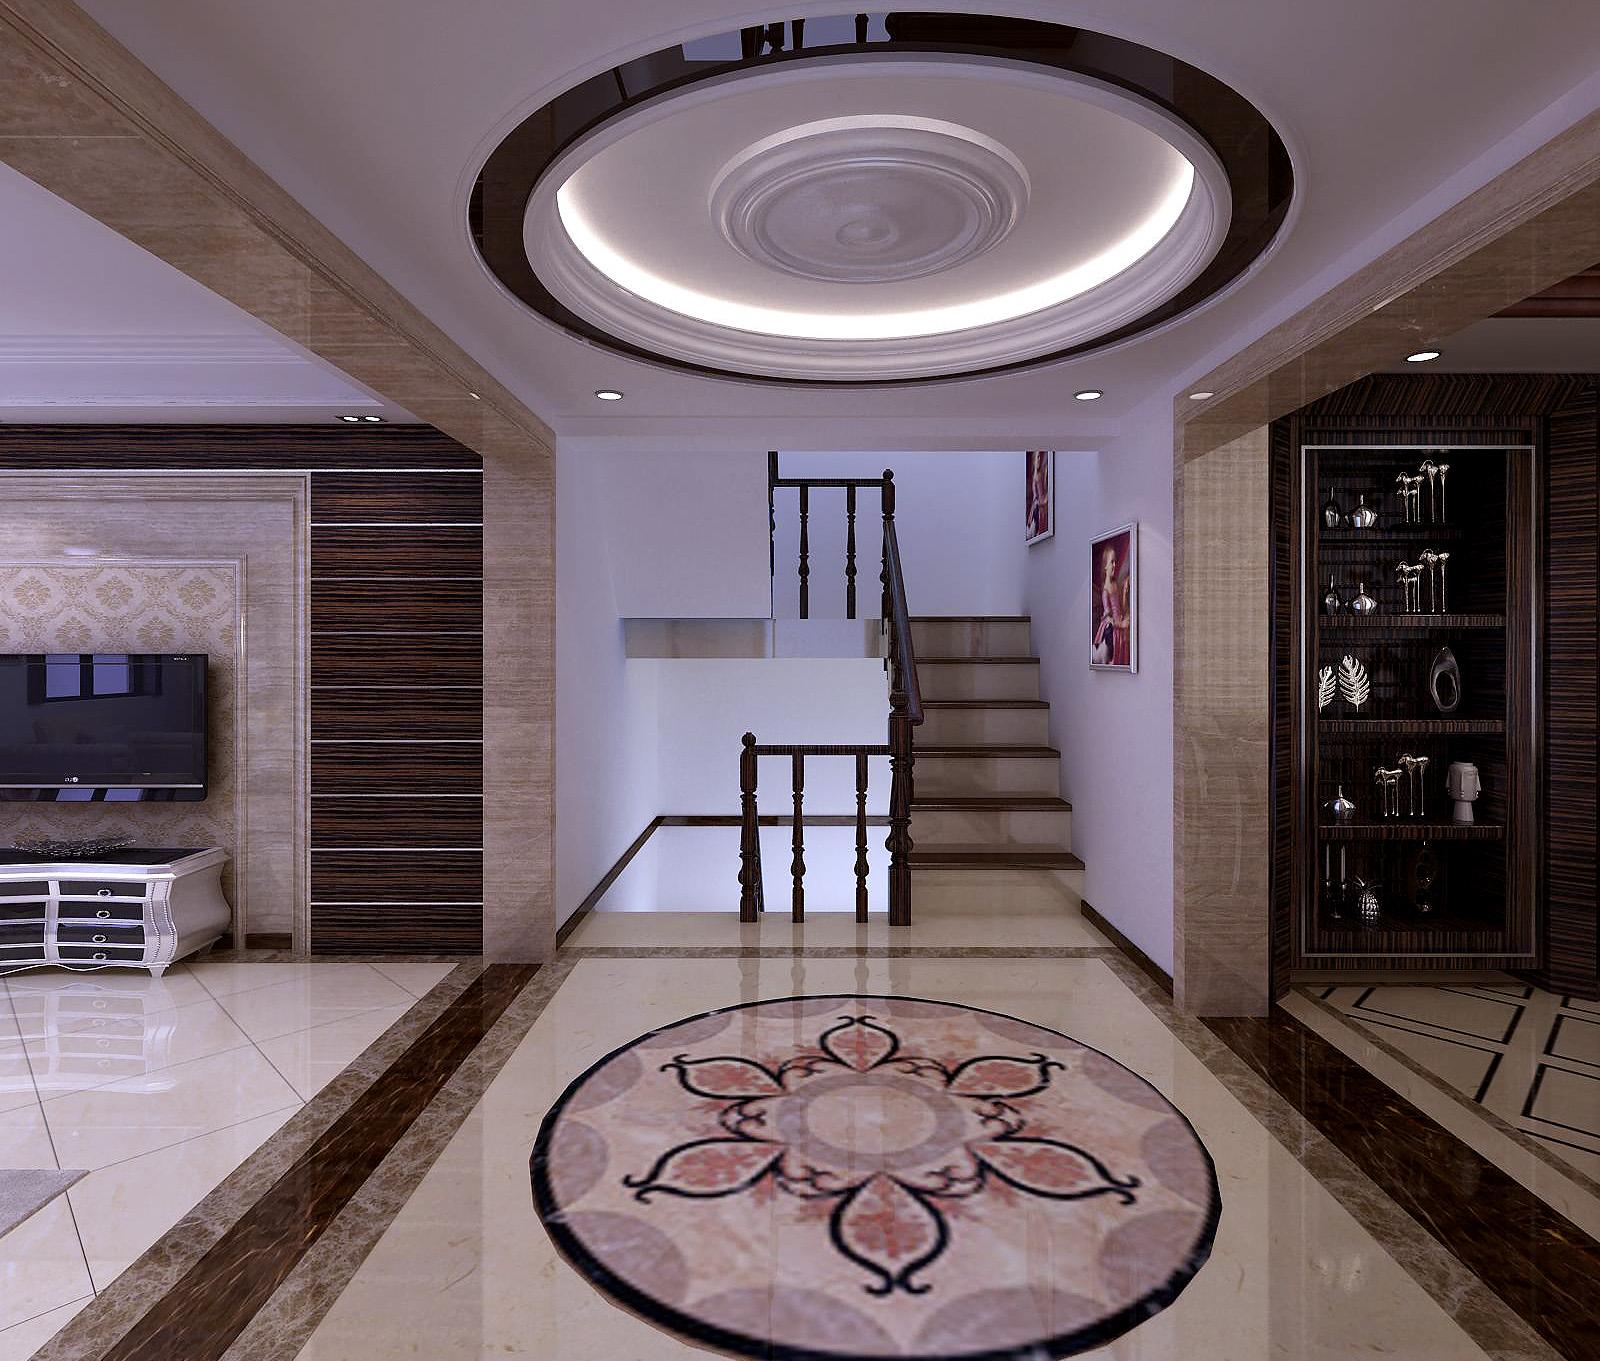 欧式 混搭 别墅 楼梯图片来自设计精英在别墅设计的分享